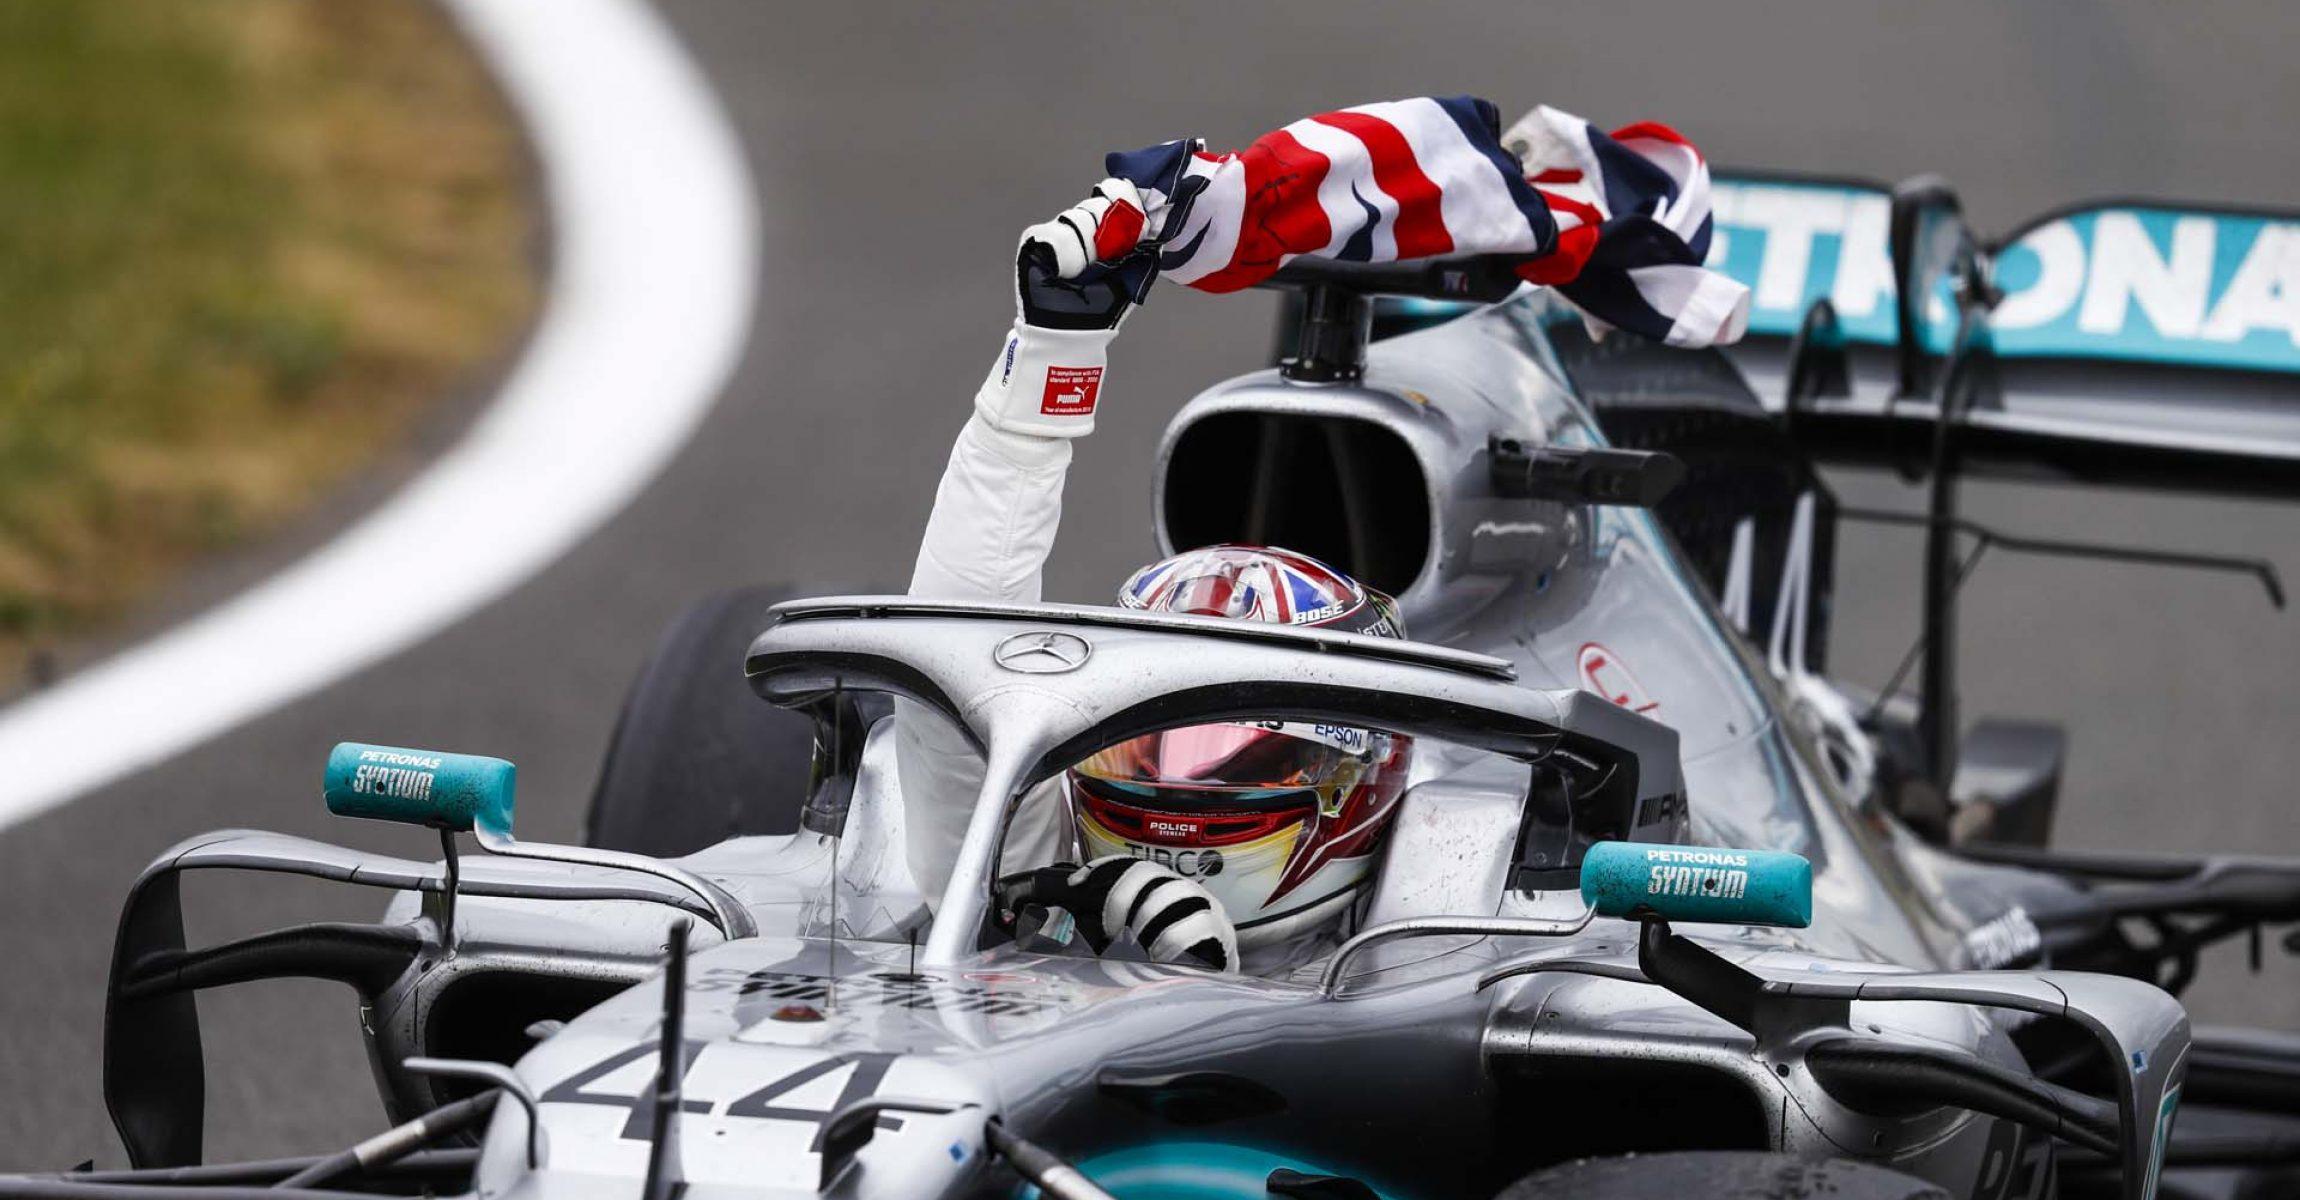 2019 British Grand Prix, Sunday - LAT Images Mercedes Lewis Hamilton